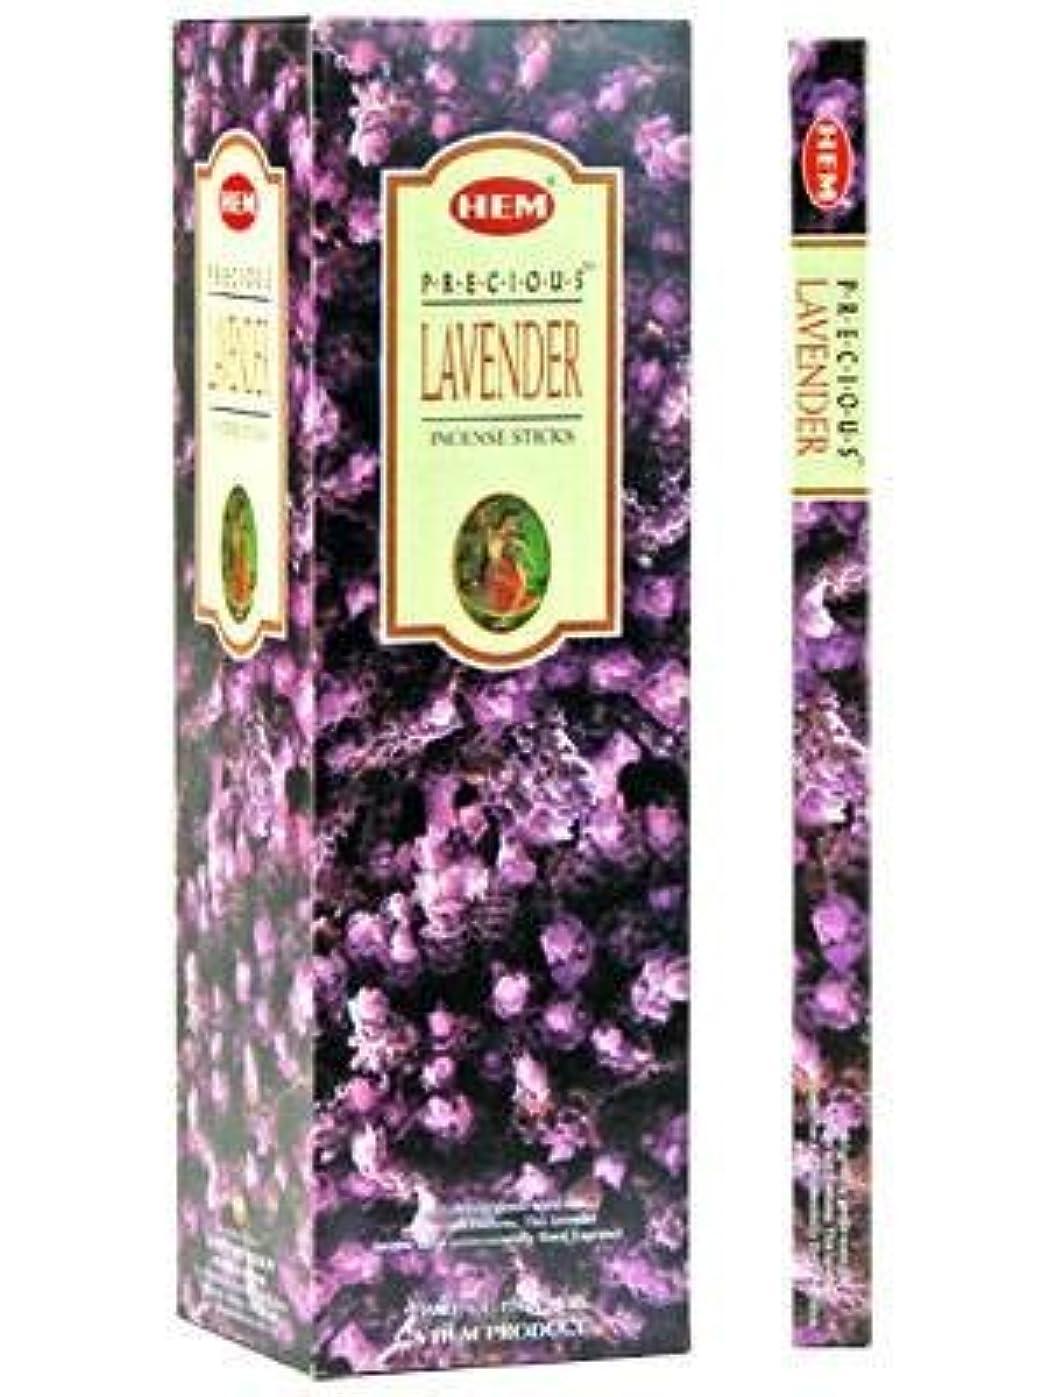 合計敏感な観光に行くHem Precious Lavender - 20gr Packs - 6/Box